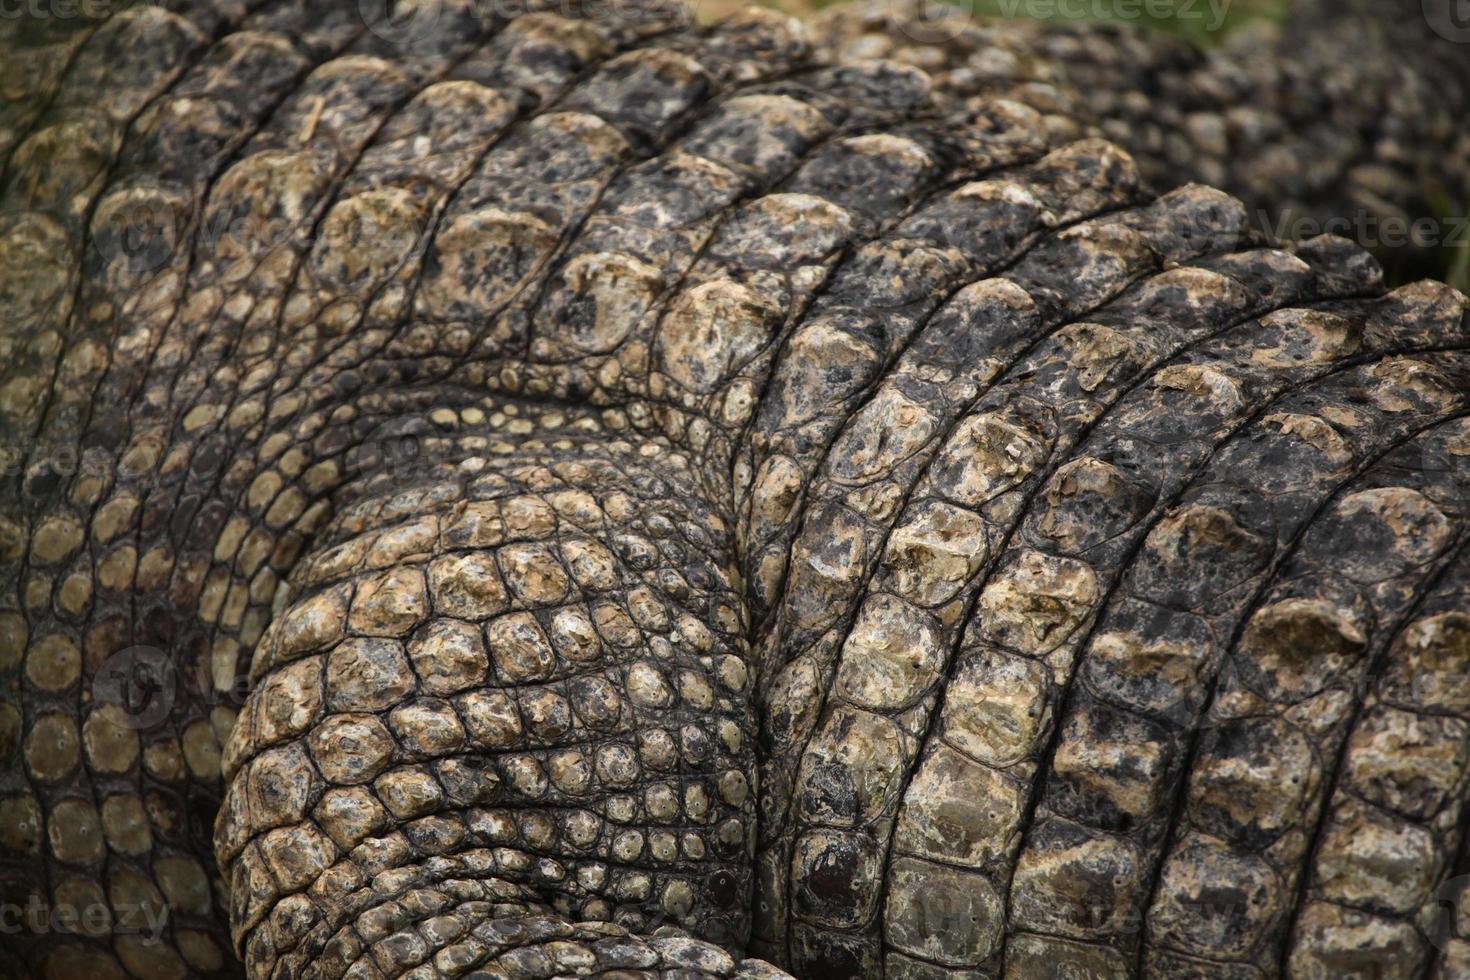 textura de couro de crocodilo do nilo (crocodylus niloticus). foto